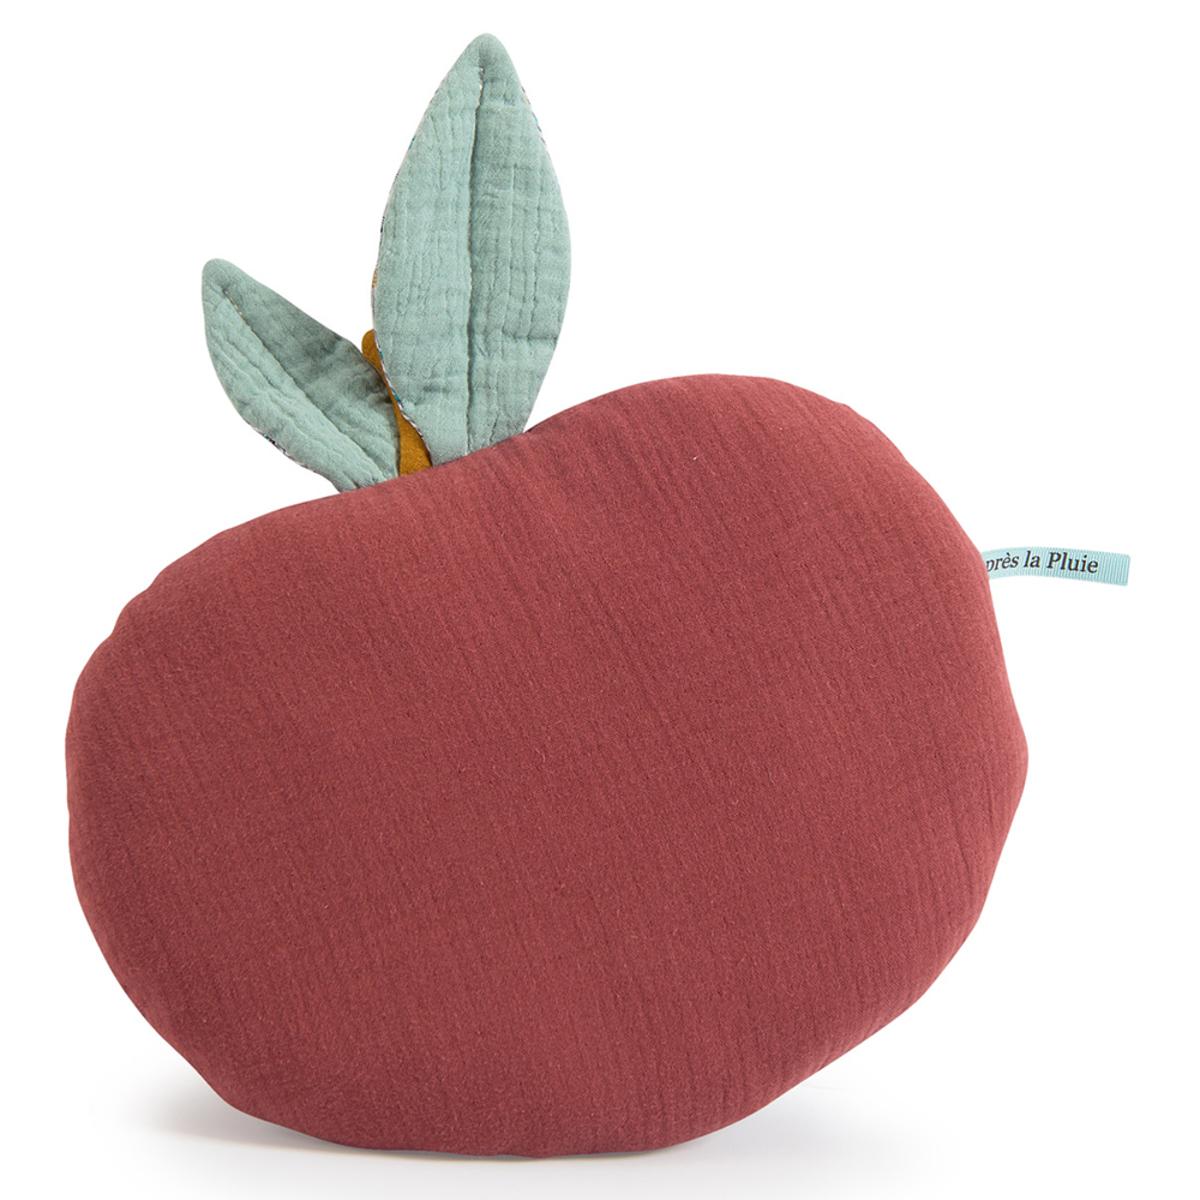 Coussin Coussin Pomme - Après la Pluie Coussin Pomme - Après la Pluie